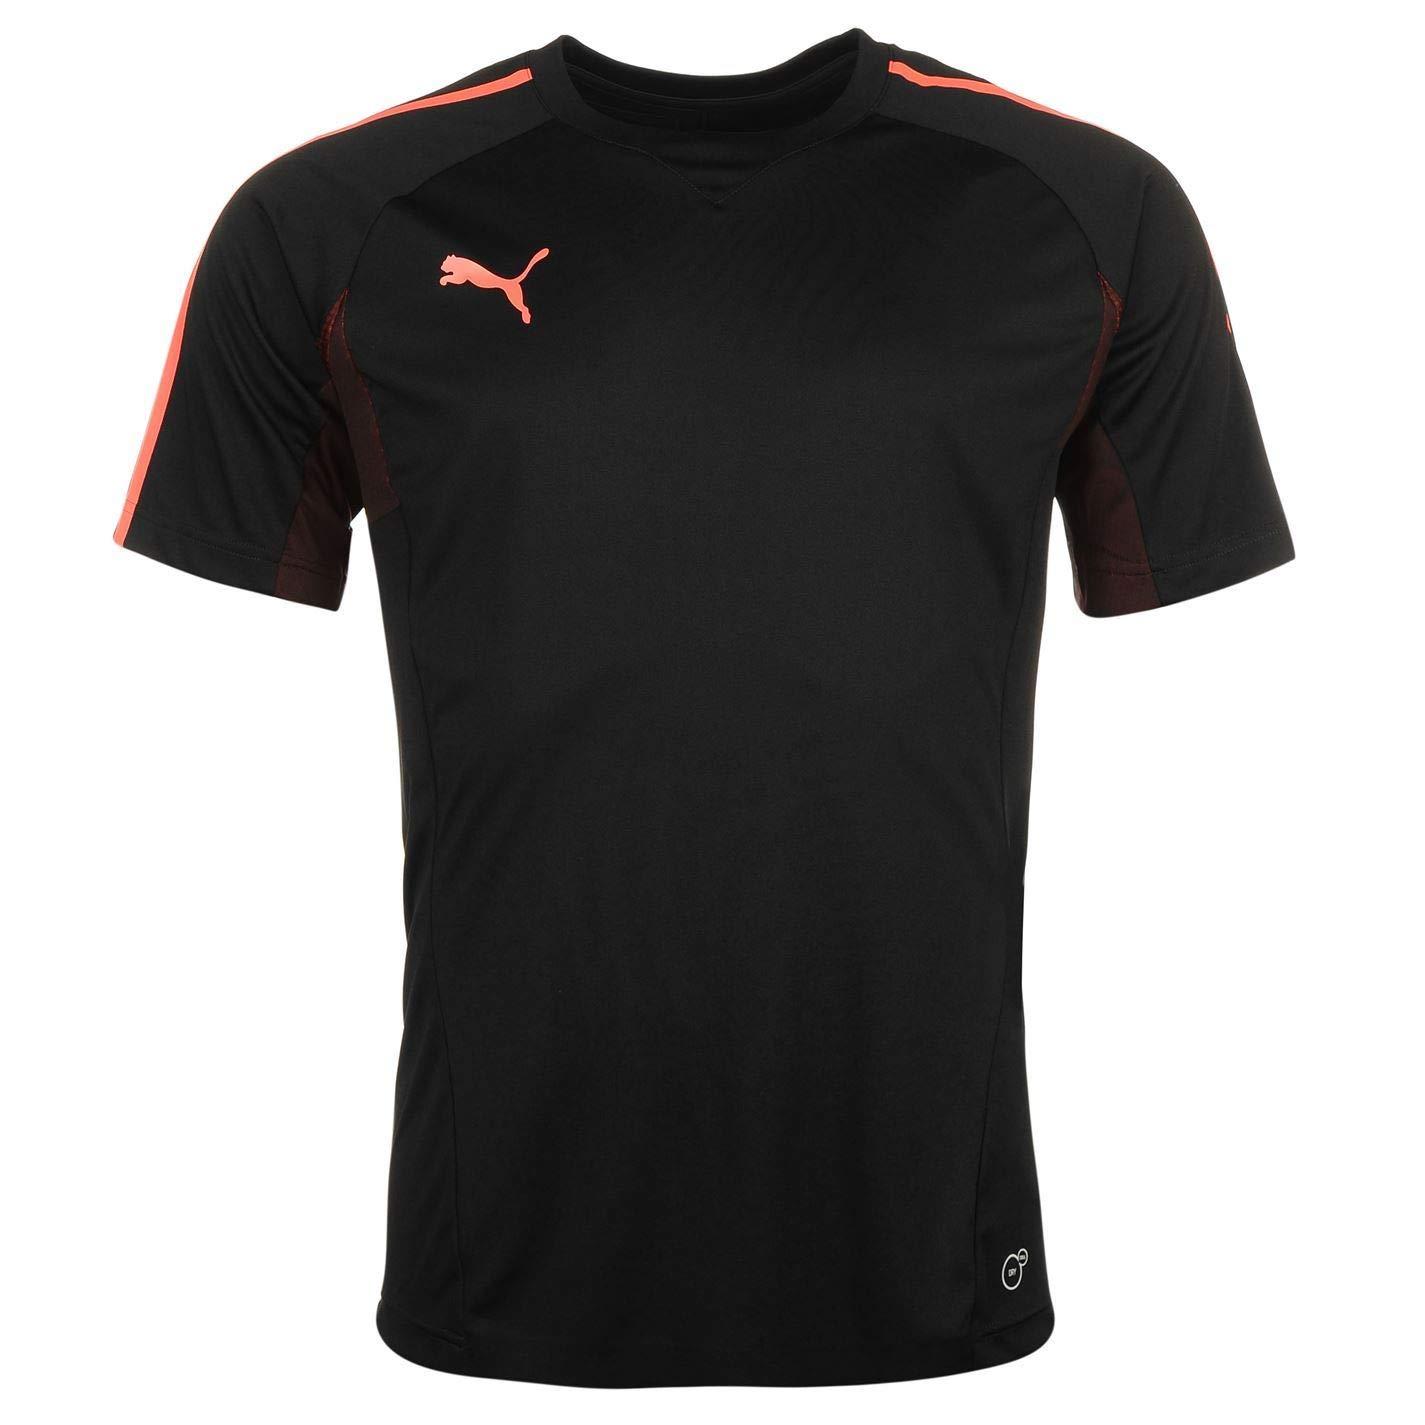 Official Football Puma Evo Tech Trainings-T-Shirt für Herren, Schwarz Korallenrot